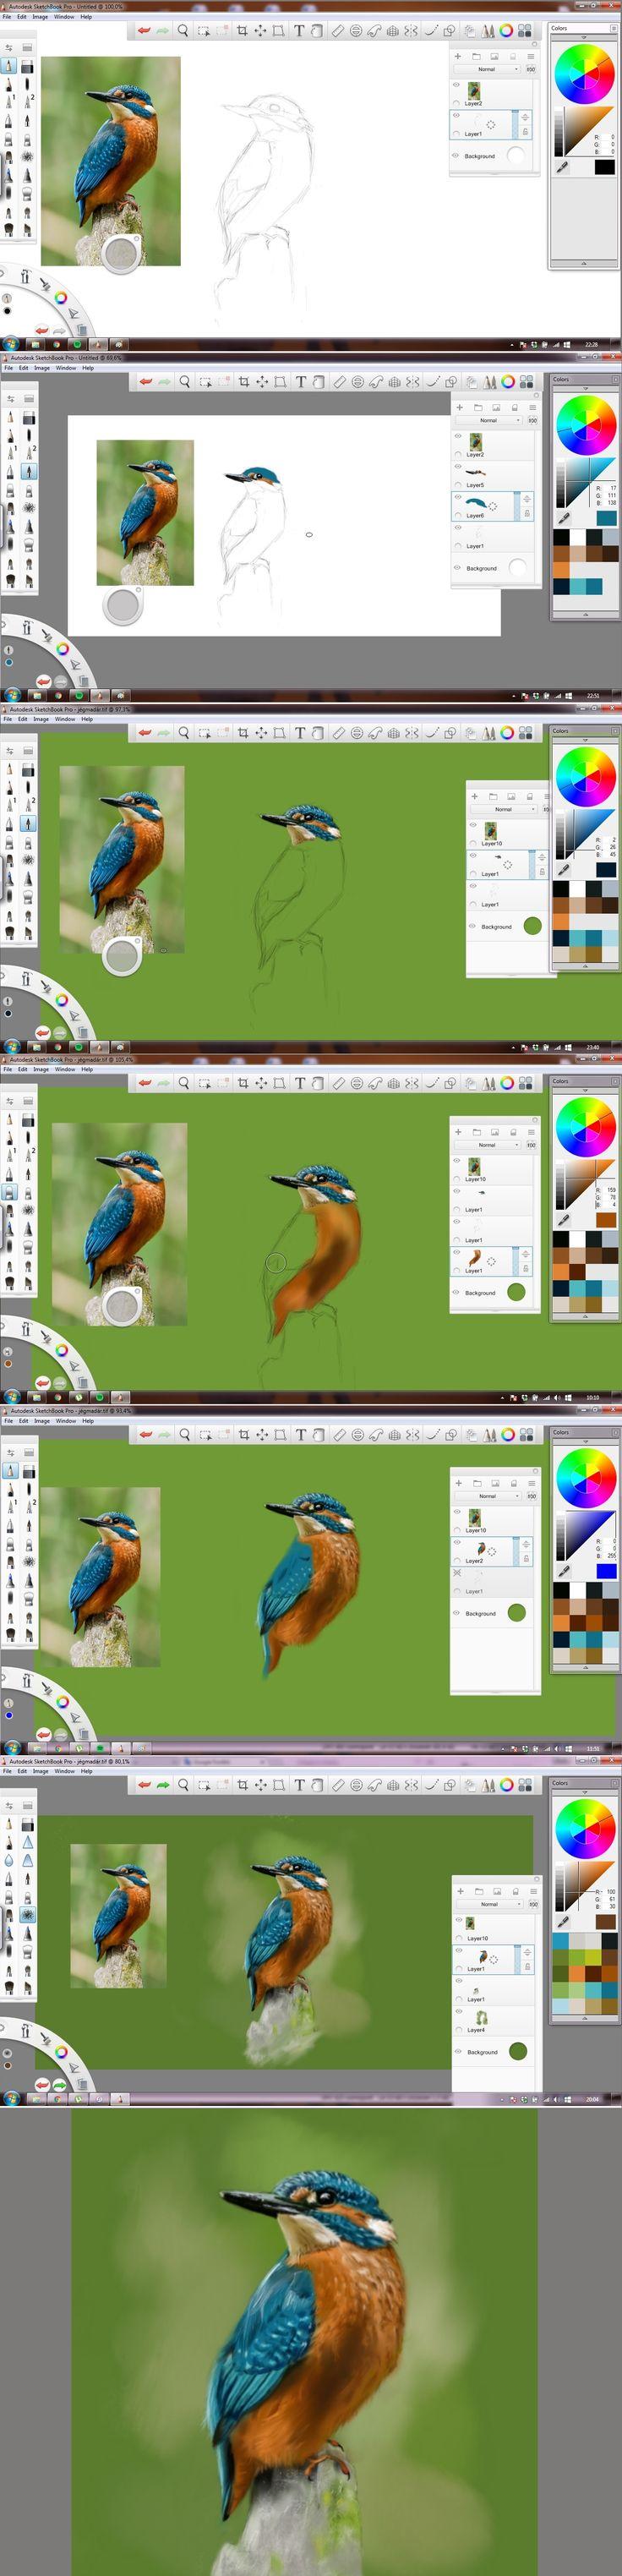 Madárka szállott rája is... :D / Step-bystep of a kingfisher